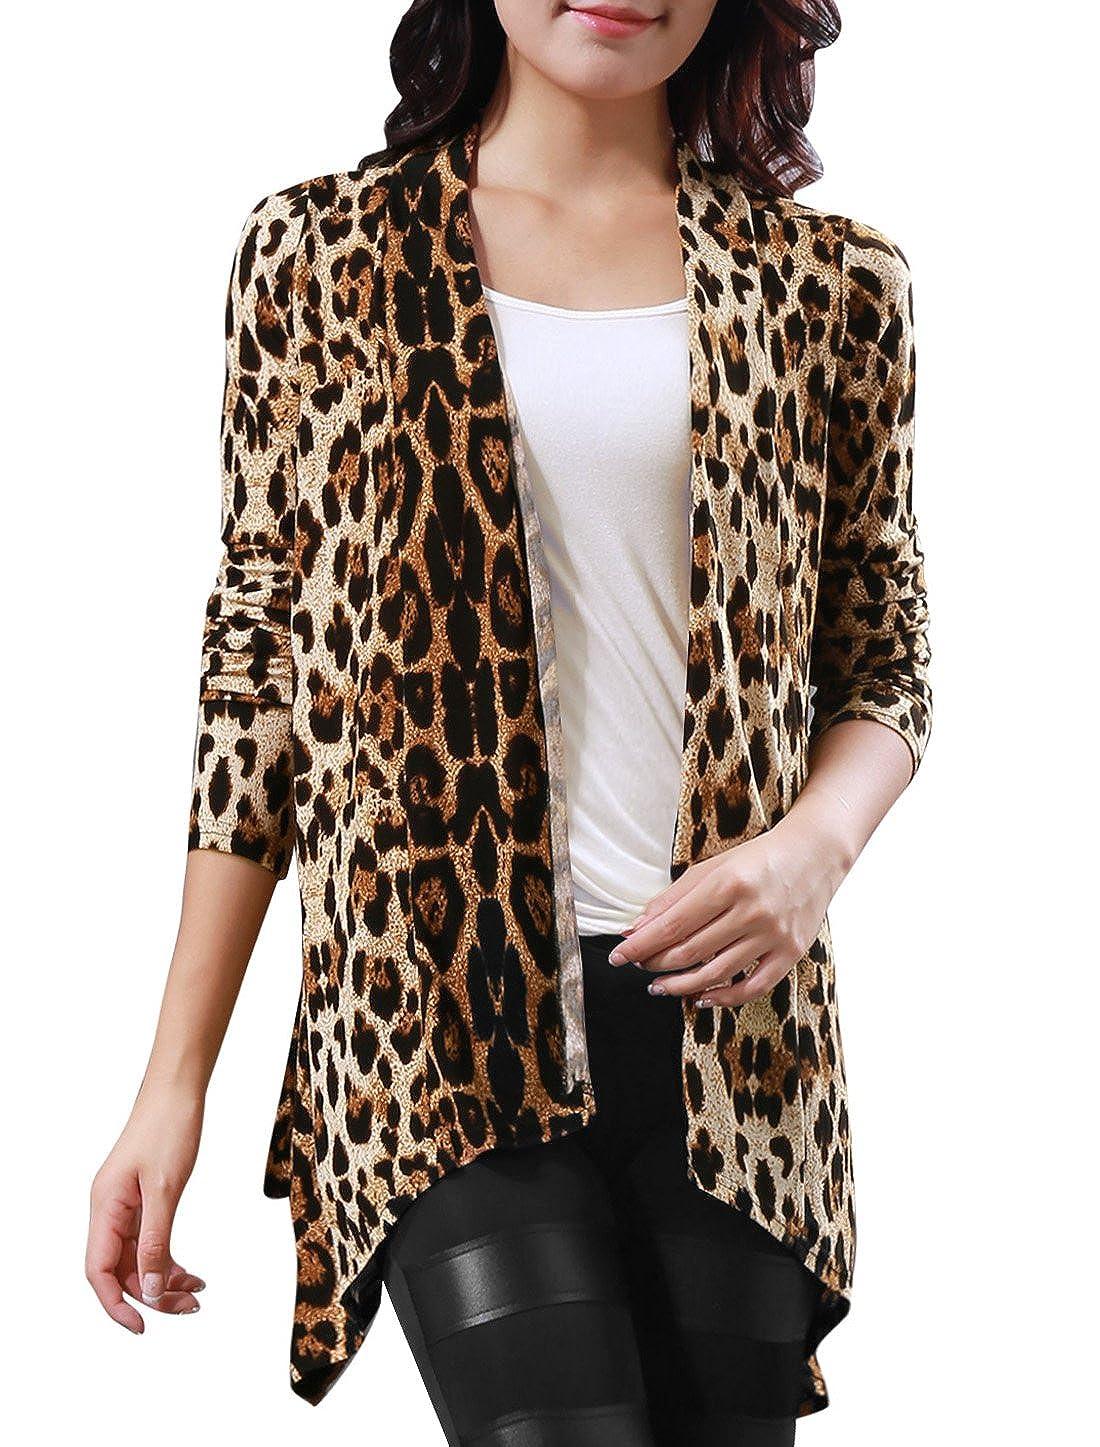 Allegra K Allegra K signore della stampa del leopardo senza bottoni cappotto a maniche lunghe beige caffè colore S Coffee a12010600ux0057